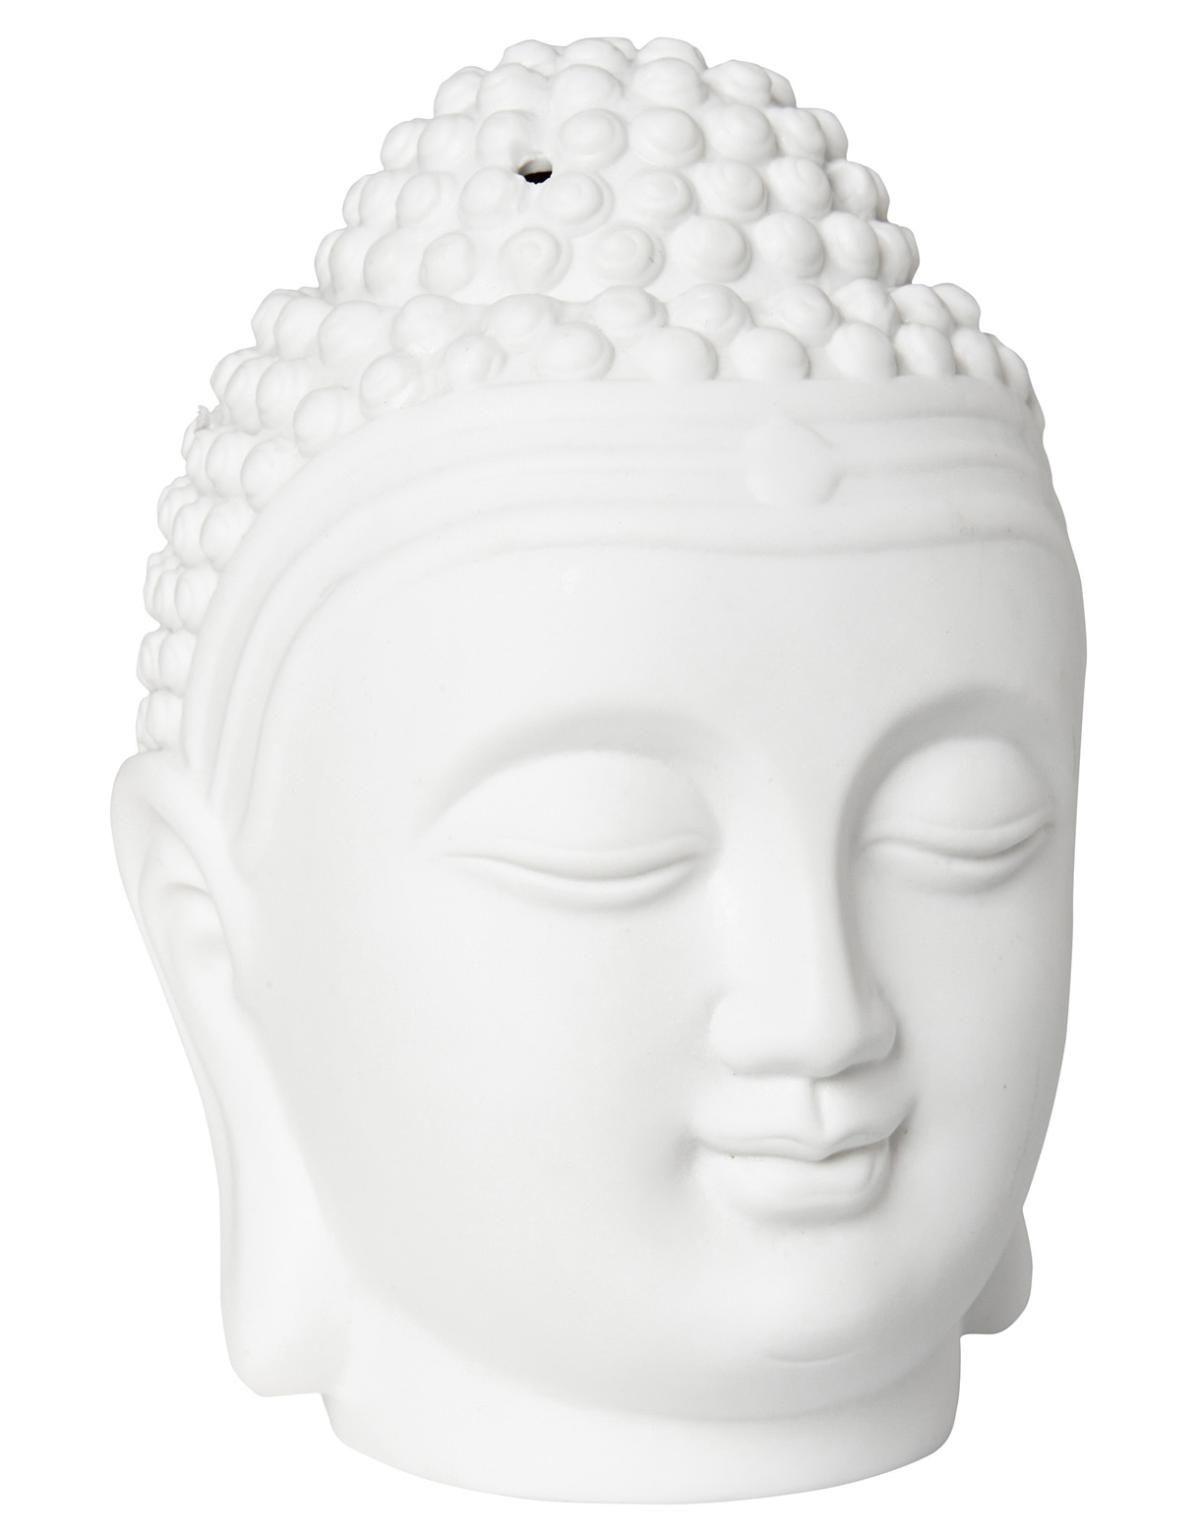 interiør shop BUDDHA LIGHT oljebrenner hvit | Zence Accessories | Wellbeing  interiør shop